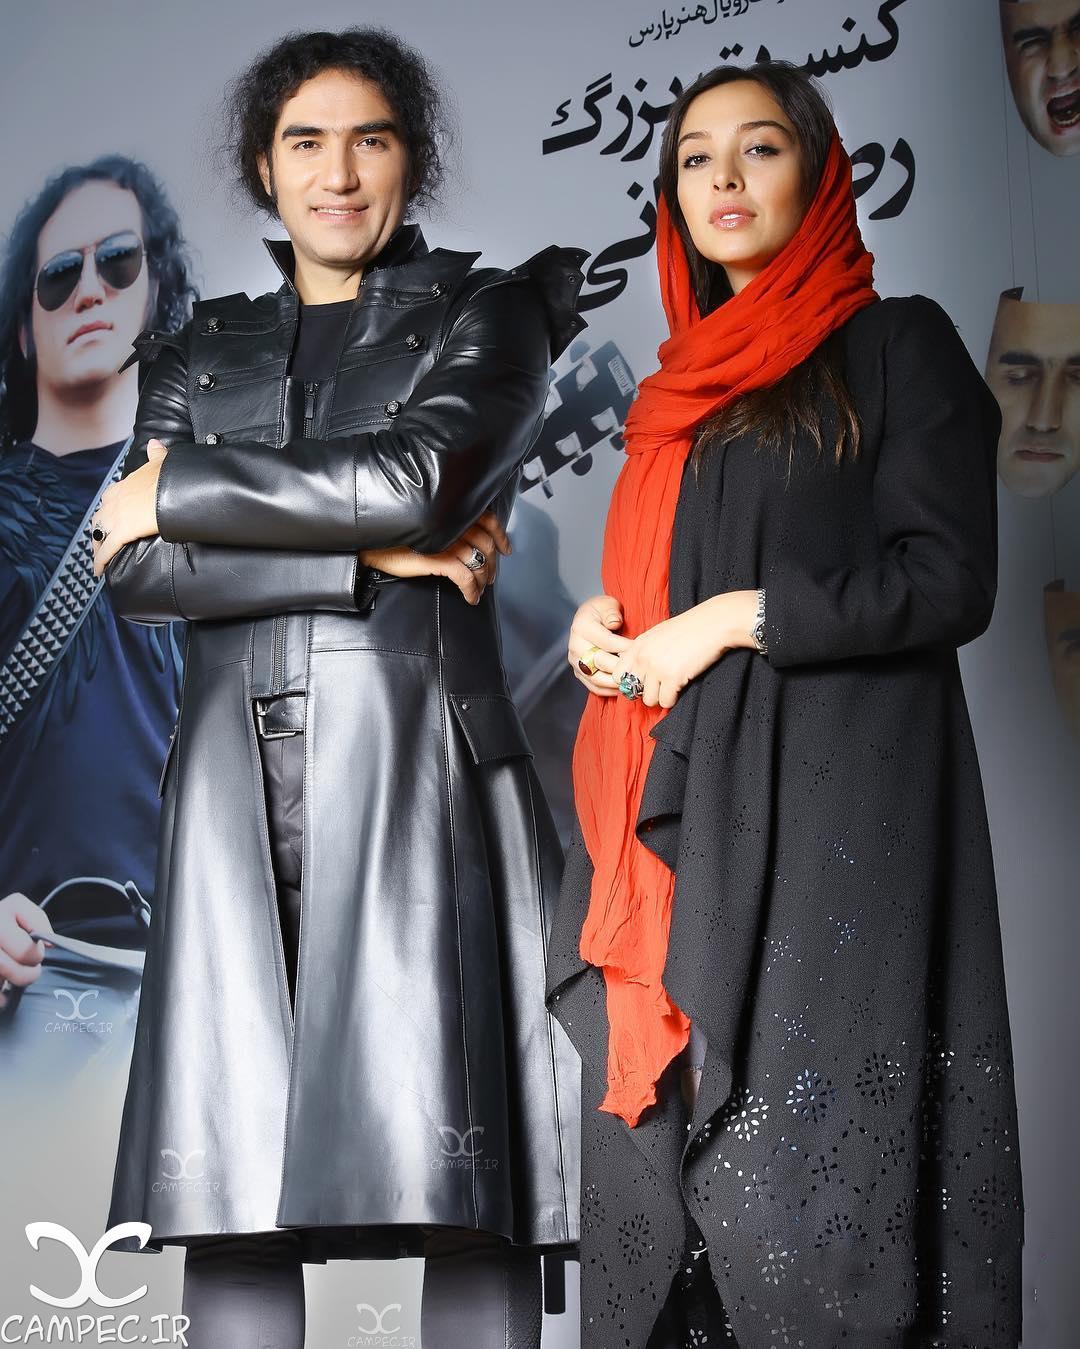 آناهیتا درگاهی در کنسرت رضا یزدانی